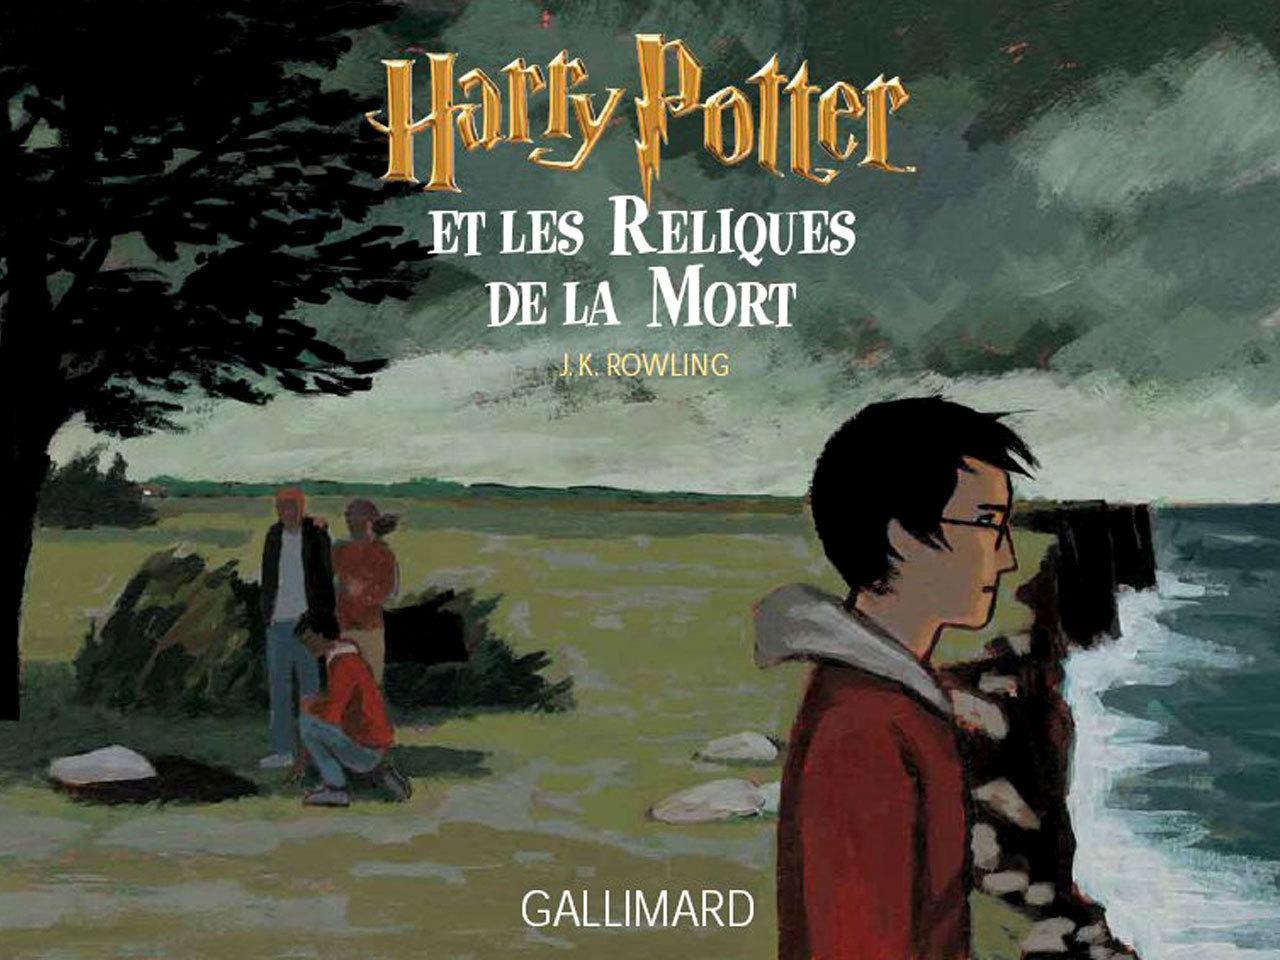 Harry Potter, Harry Potter 1 2 3 4 5 6 7, harry potter et le prince de sang mélé, harry potter livre, harry potter hermione et ron